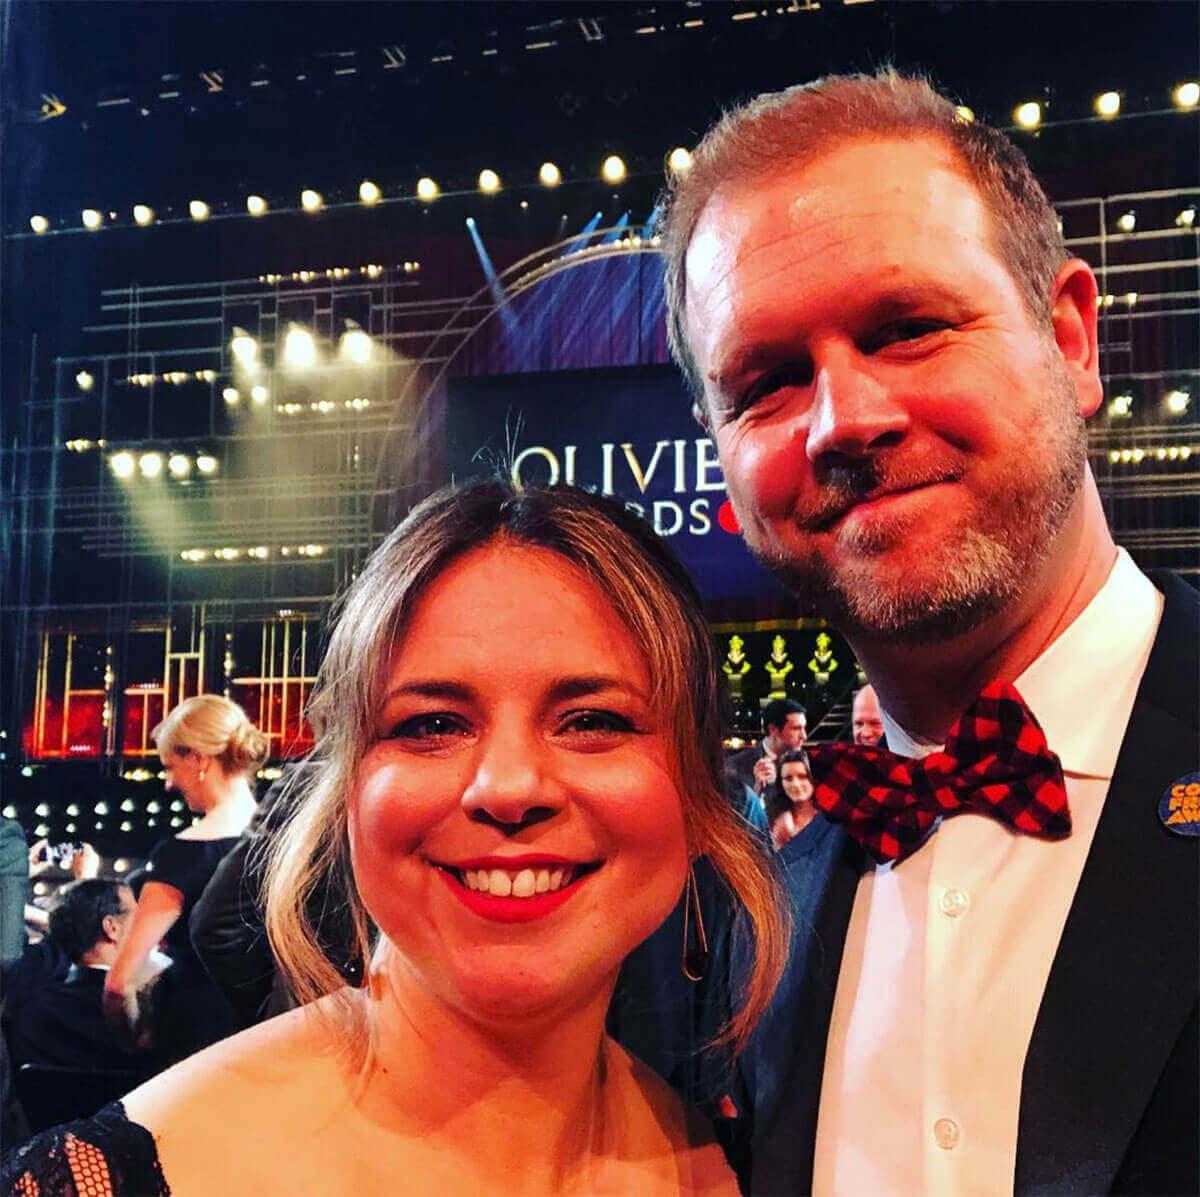 David Hein & Irene Sankoff (Photo: Instagram)